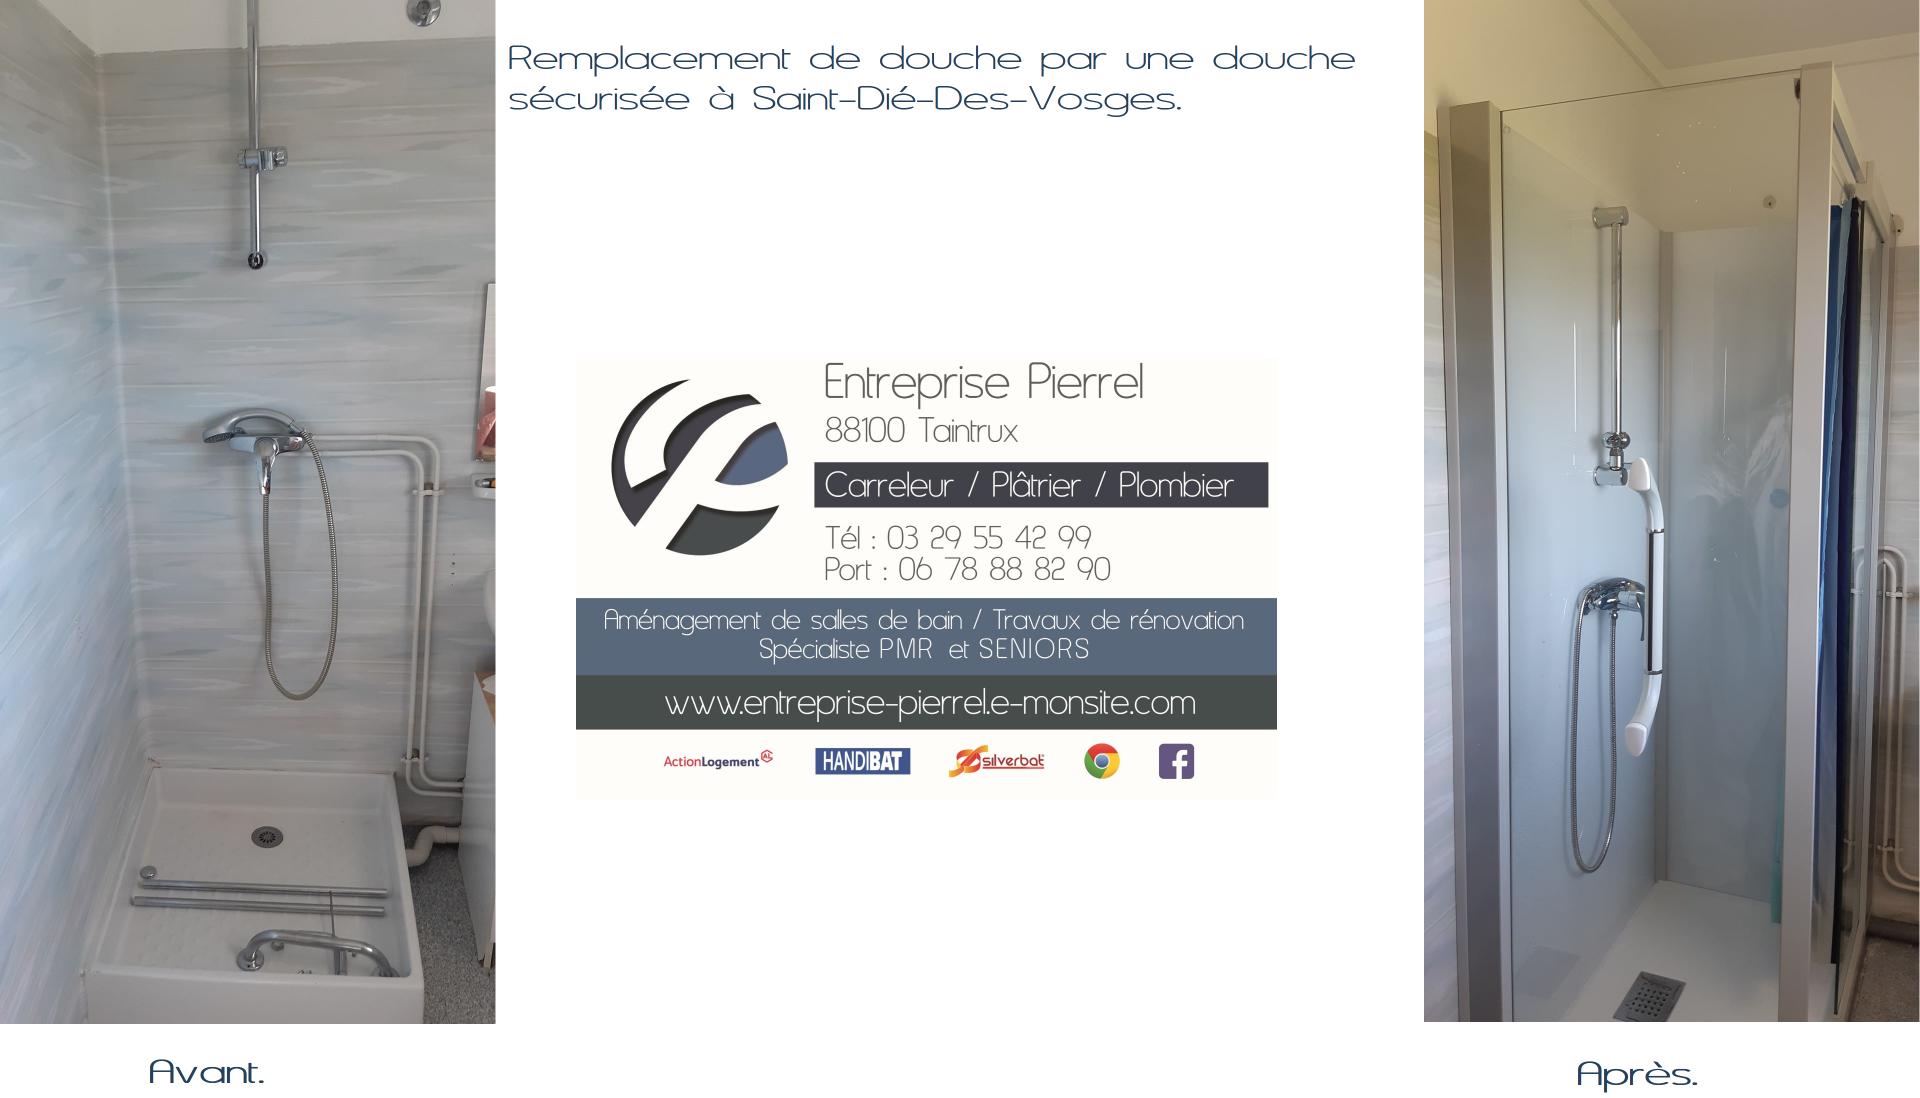 Installation d'une douche sécurisée à St dié. Ent.Pierrel - 03.29.55.42.99.